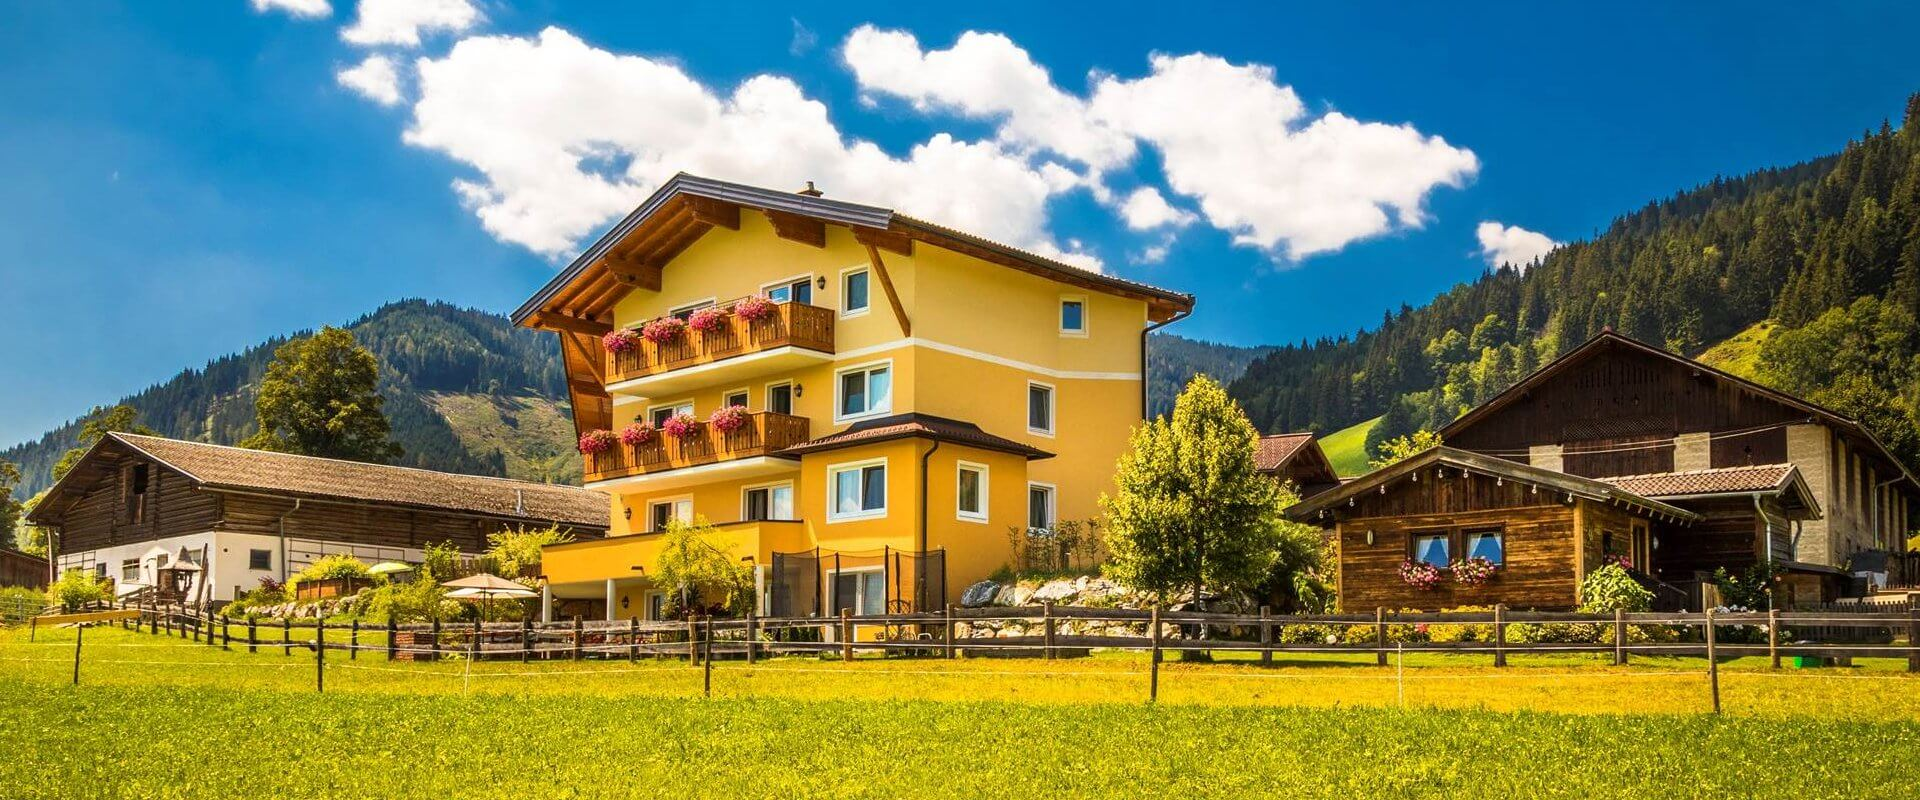 Urlaub auf dem Biobauernhof Unterlehengut in Flachau